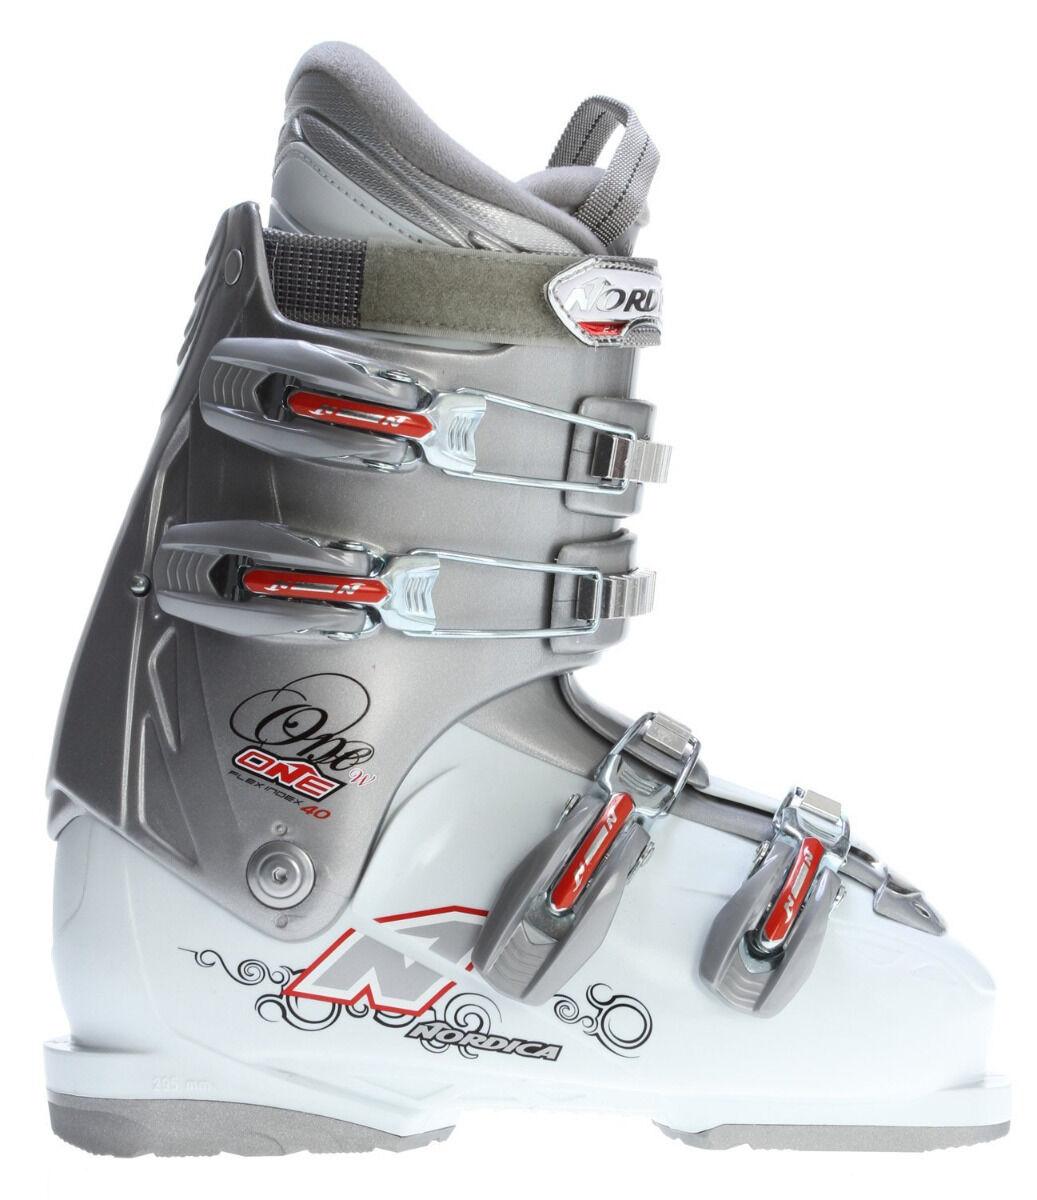 Nordica One 40 Ski Boots  Women's ski boots mondo 23.5 no box  NEW